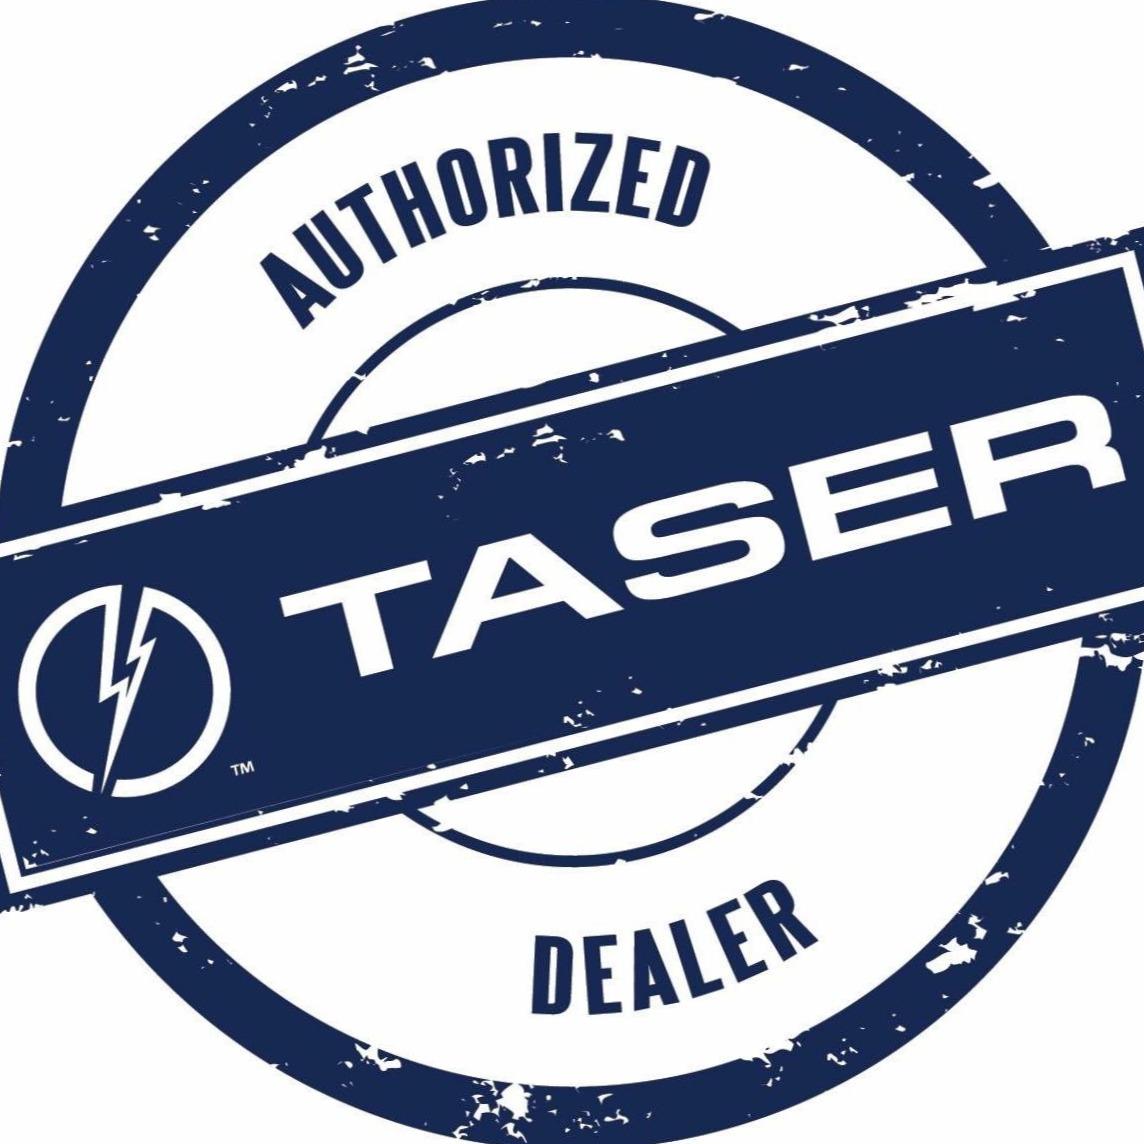 Taser Dealer